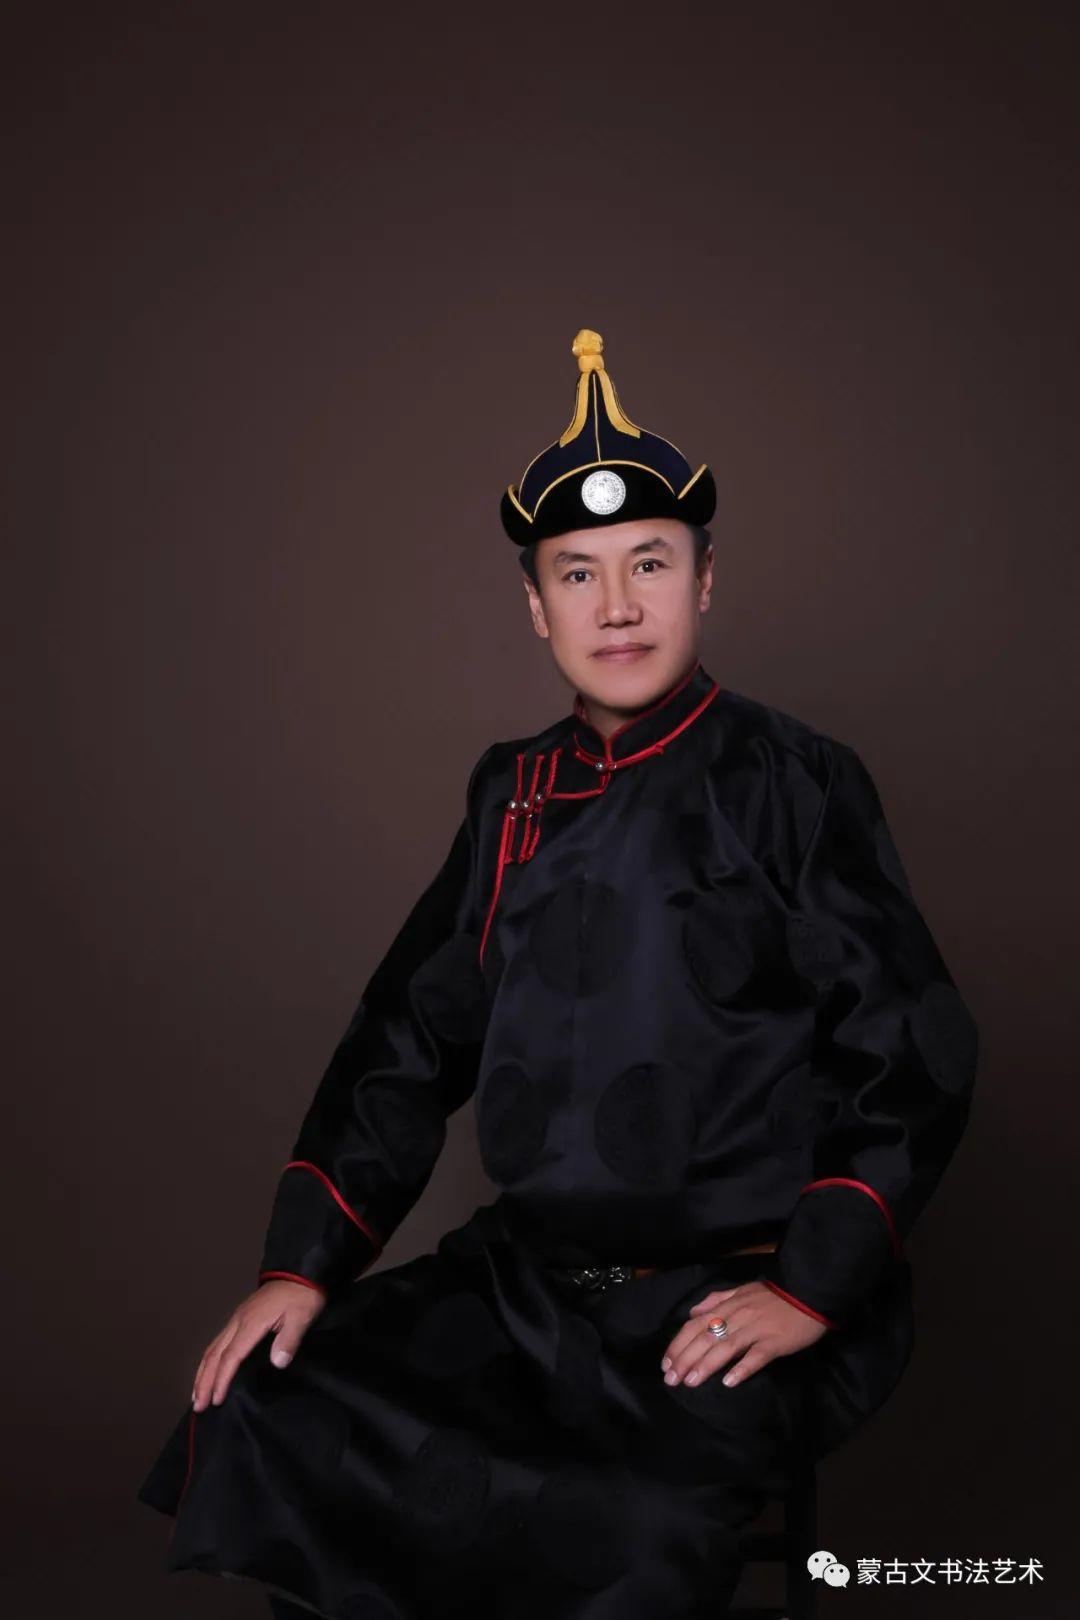 毕力格图出新书了《蒙古文书法字帖》 第1张 毕力格图出新书了《蒙古文书法字帖》 蒙古书法